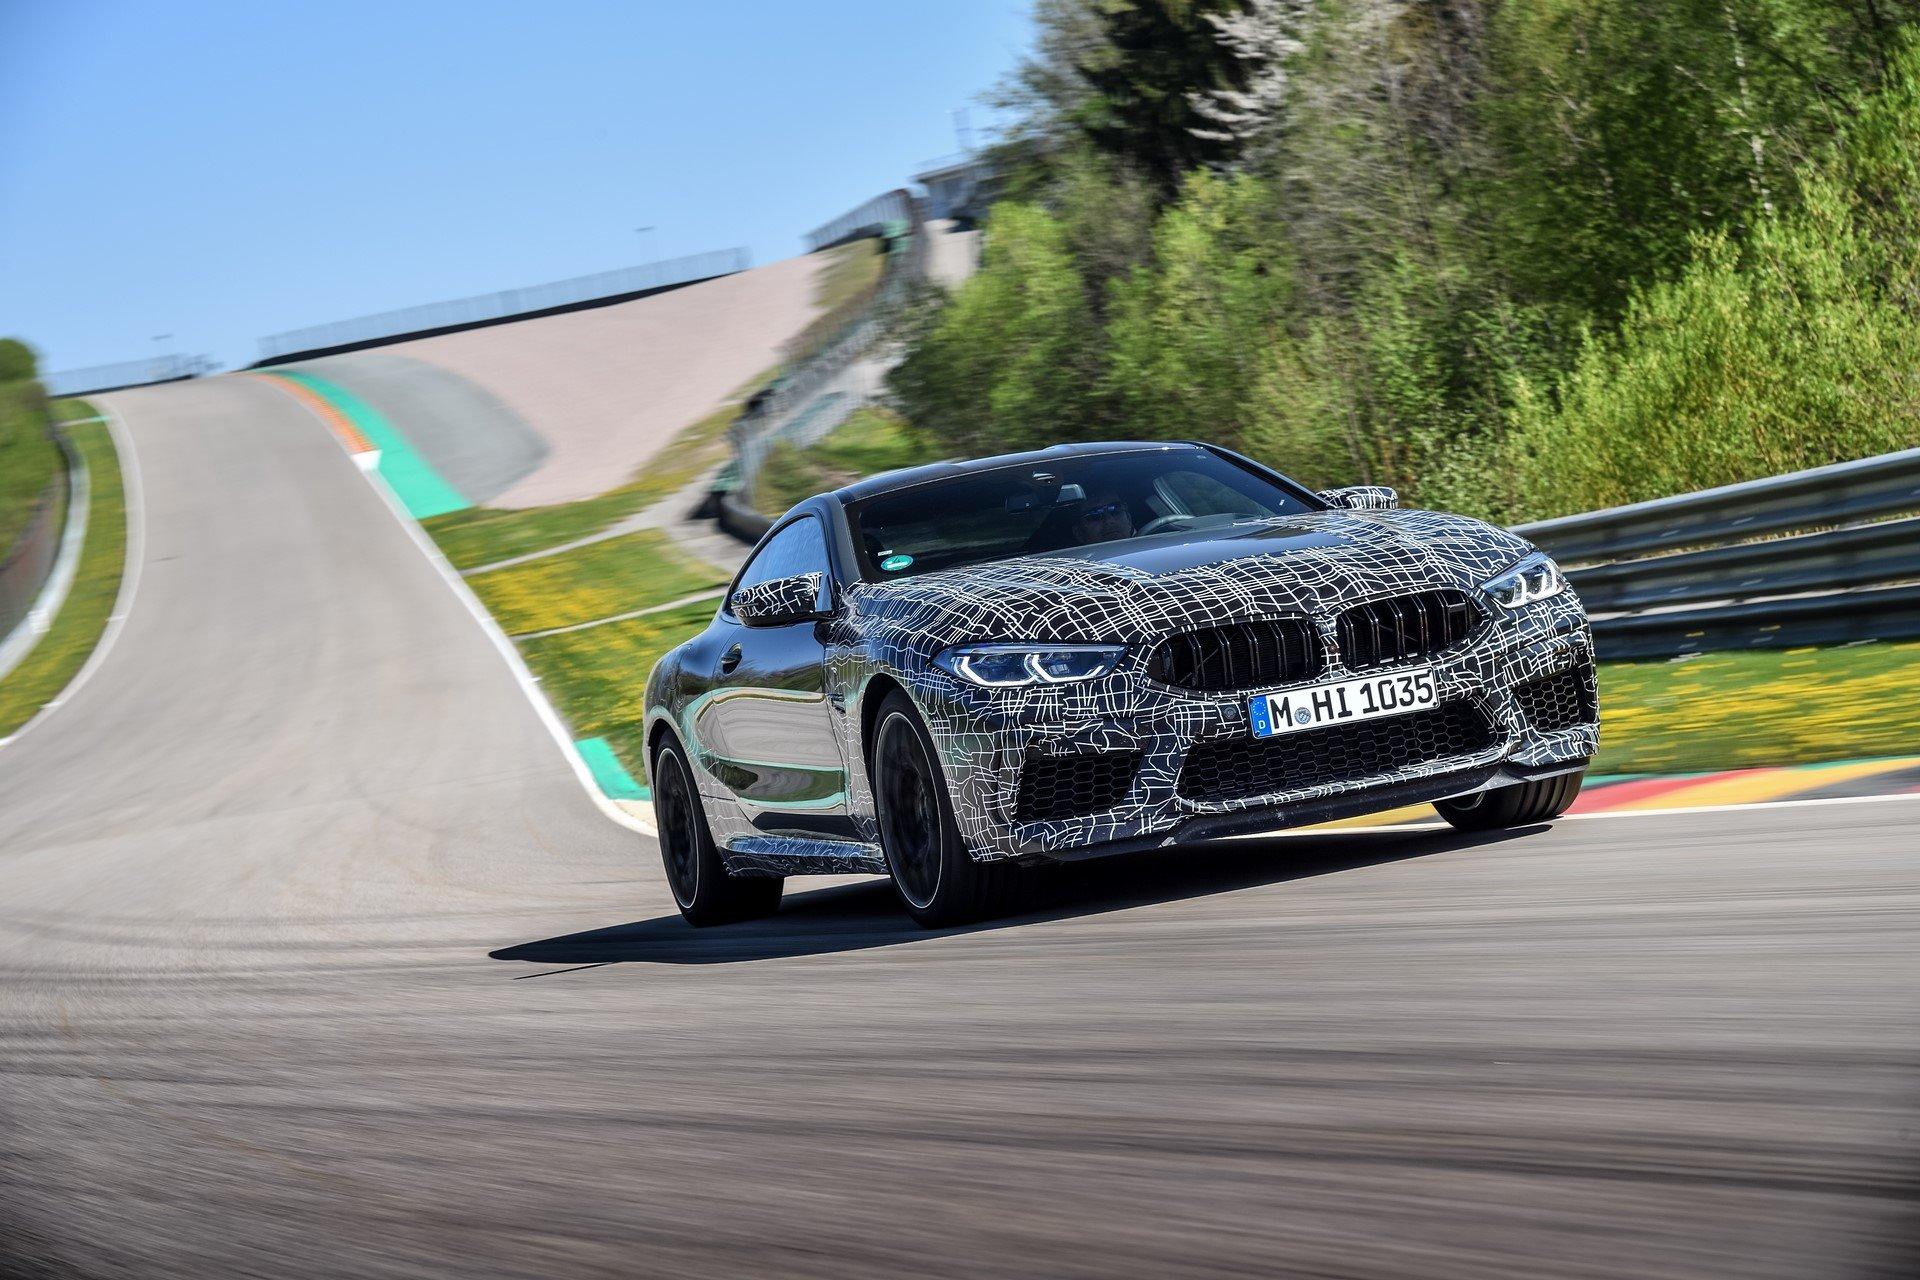 BMW-M8-spy-photos-35